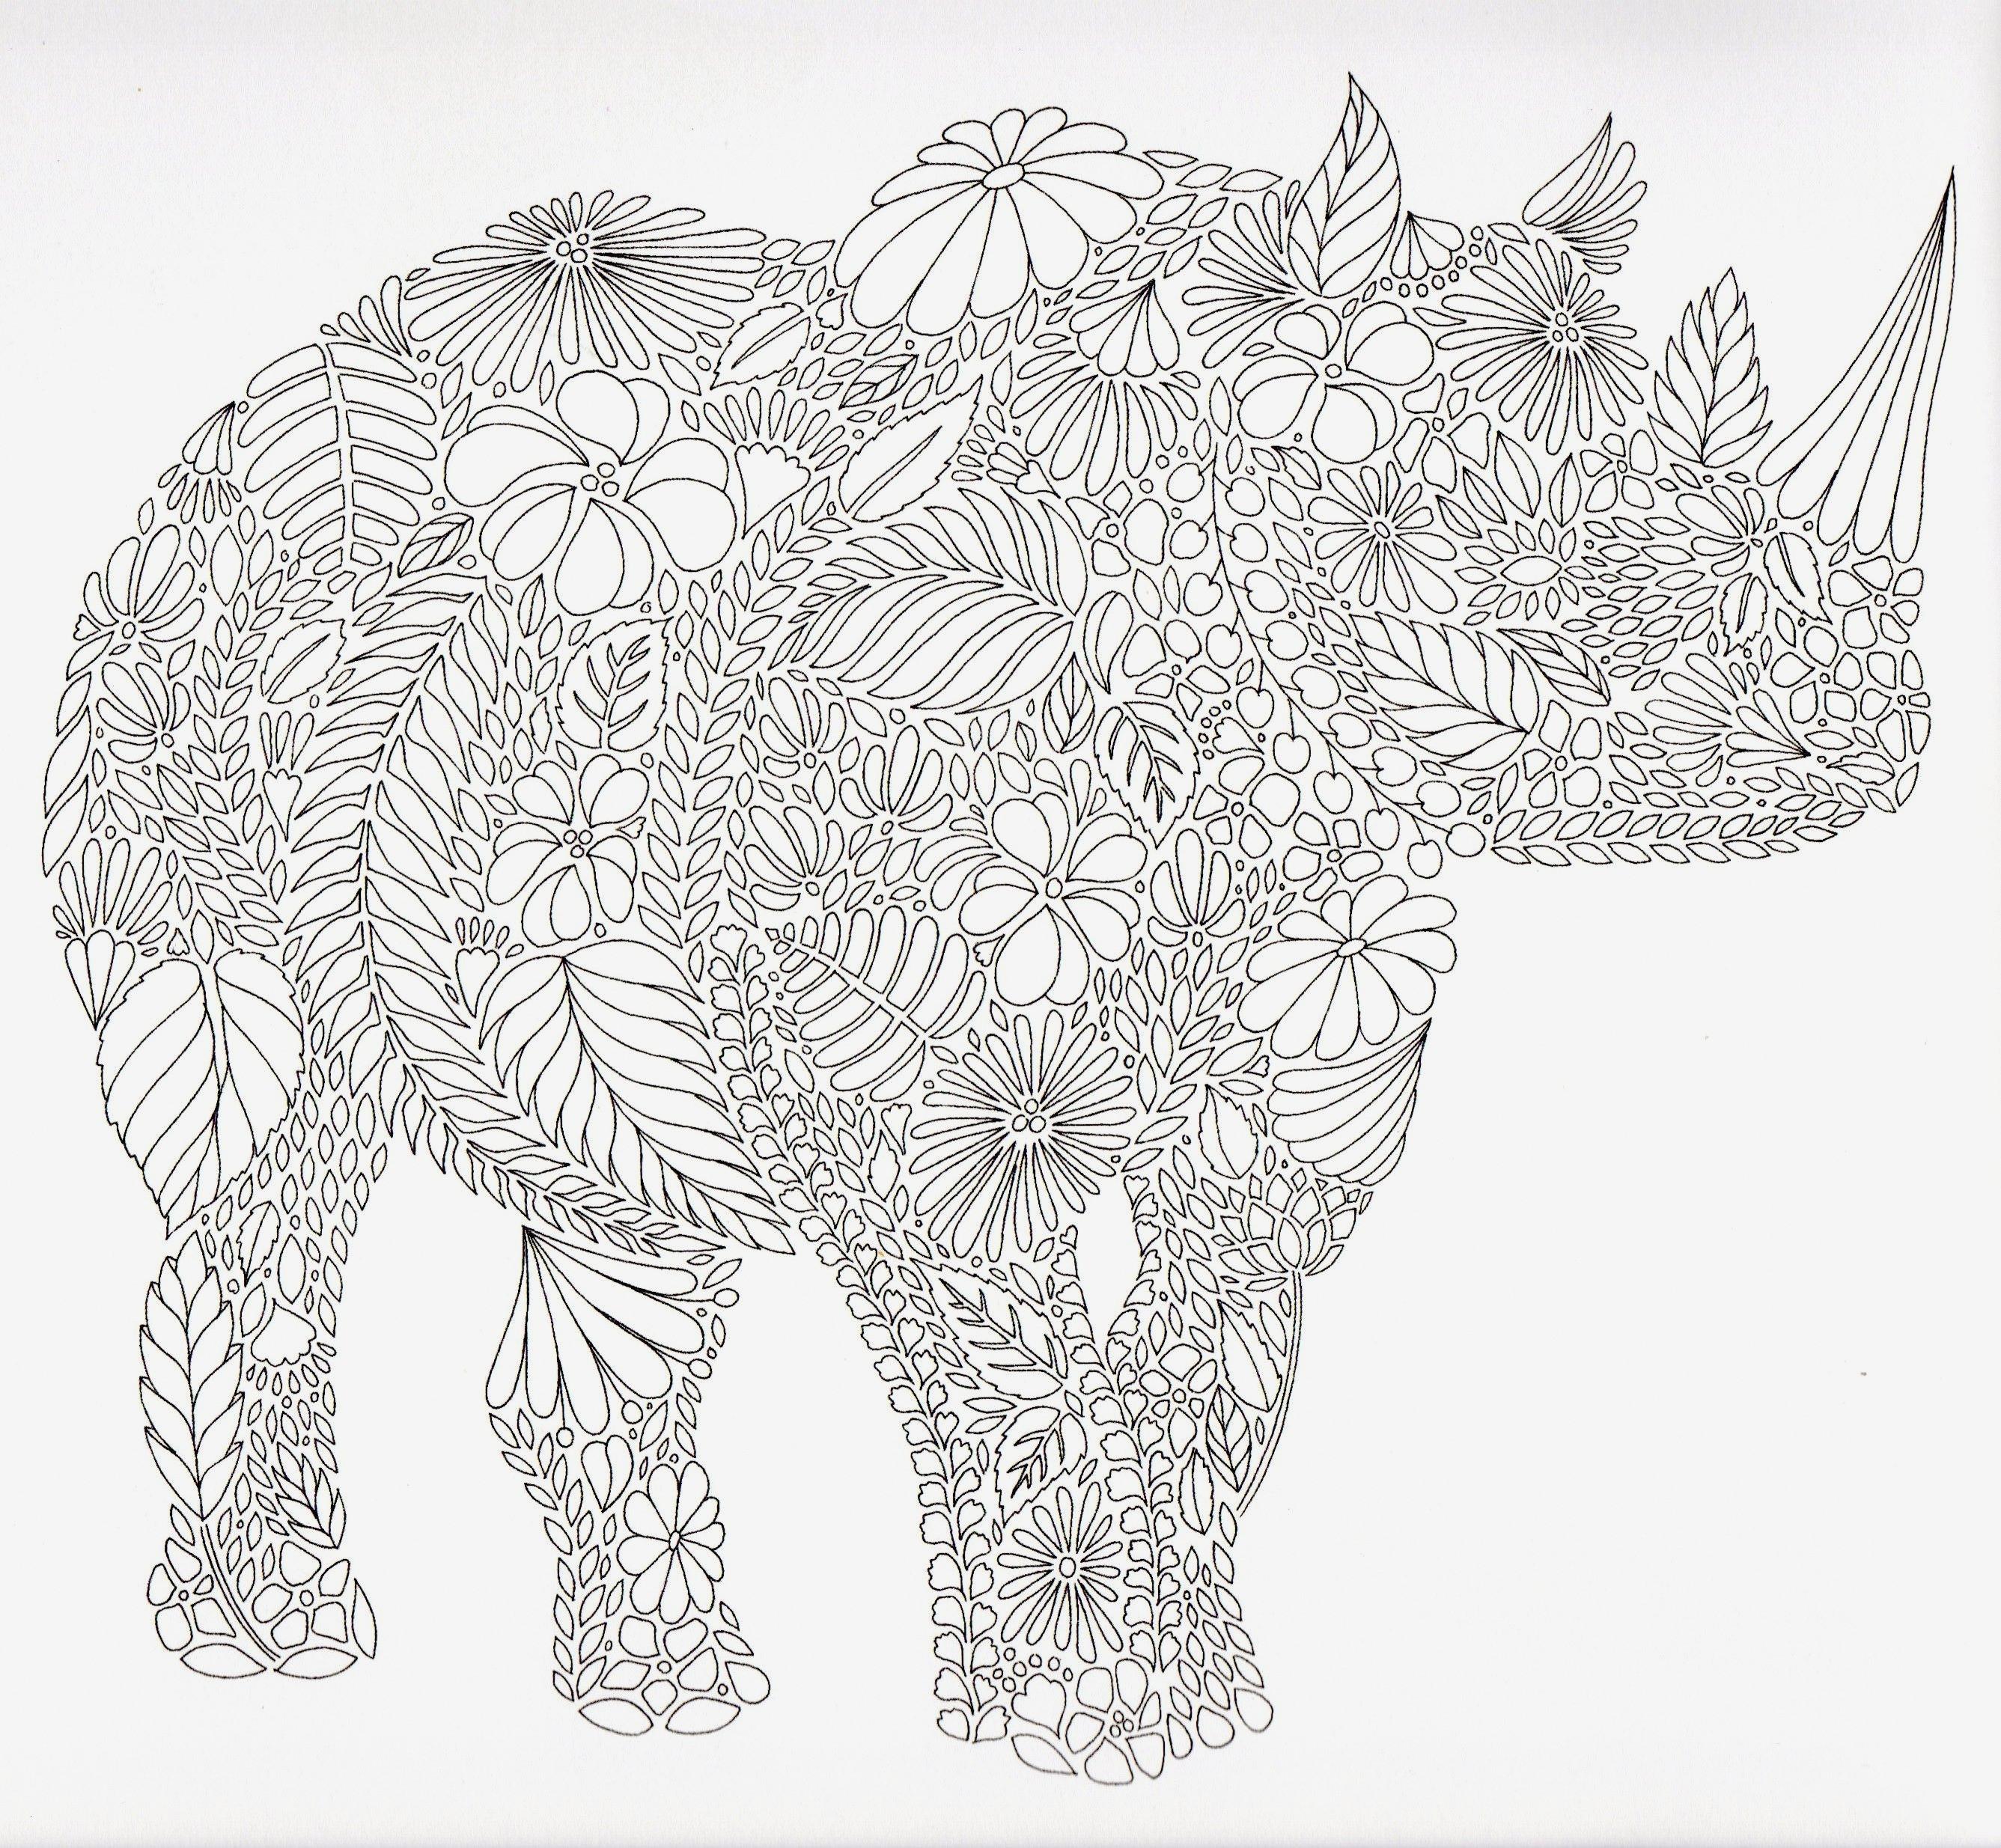 Ausmalbilder thema Wald Genial Lernspiele Färbung Bilder Bilder Zum Ausmalen Tiere Neu Tiere Im Stock